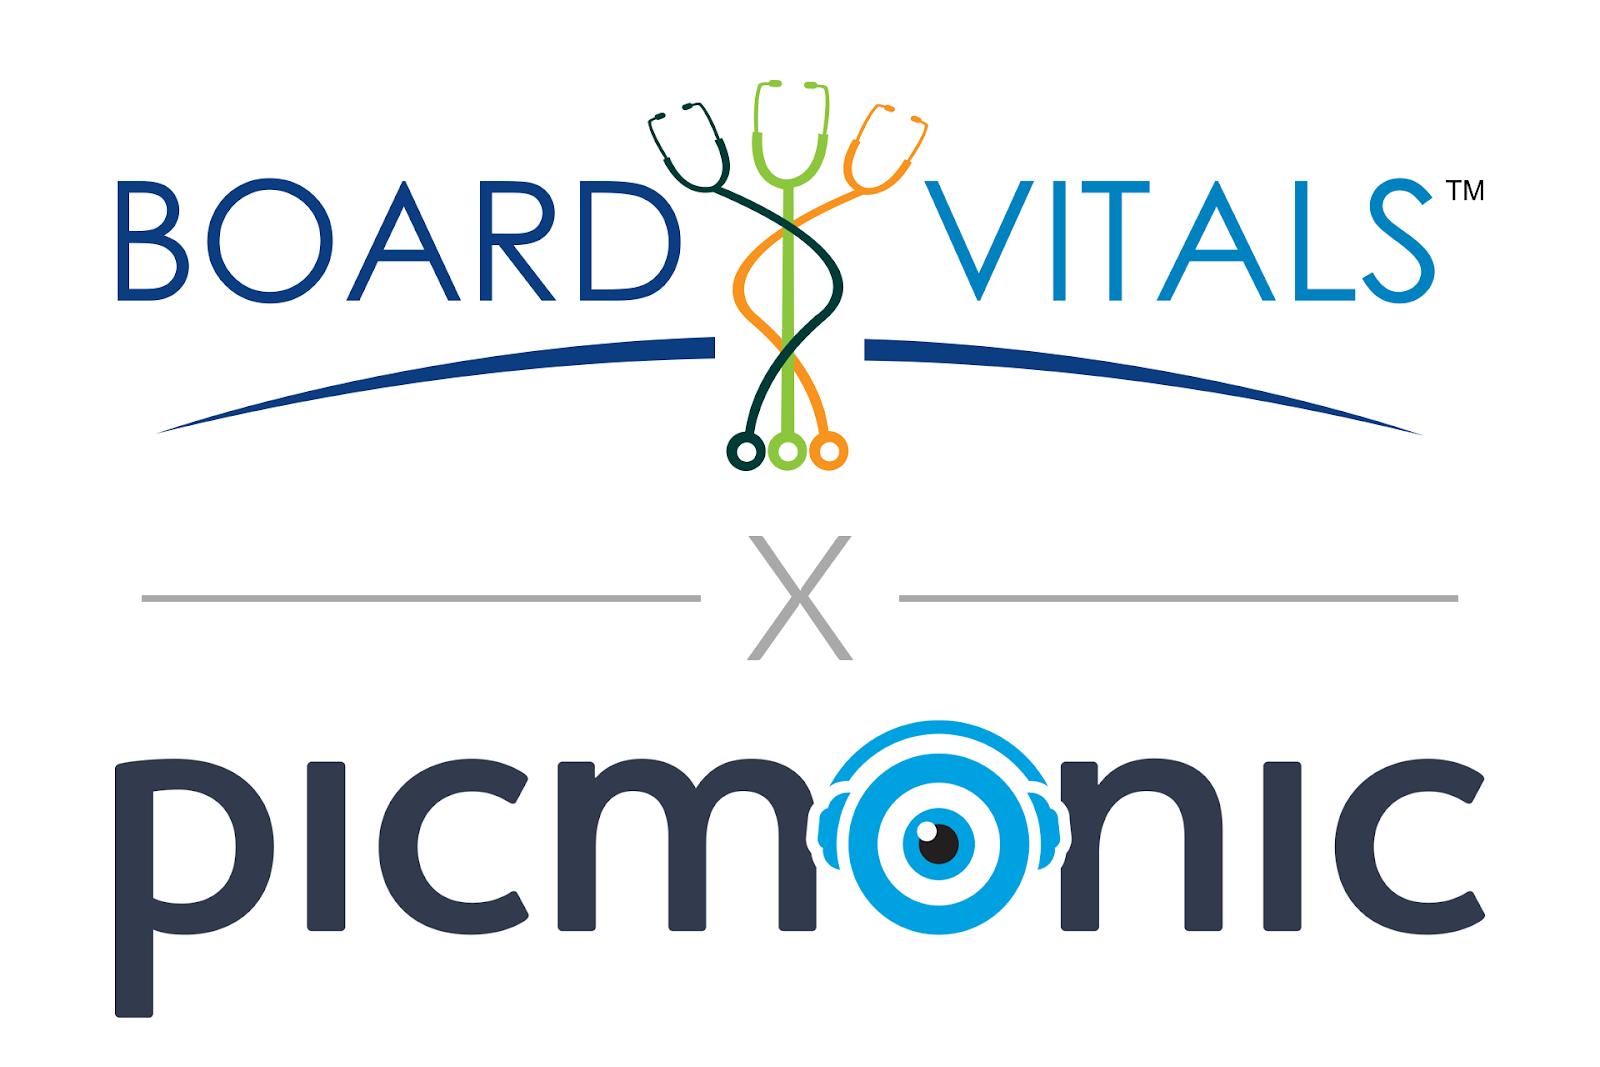 BoardVitals and Picmonic